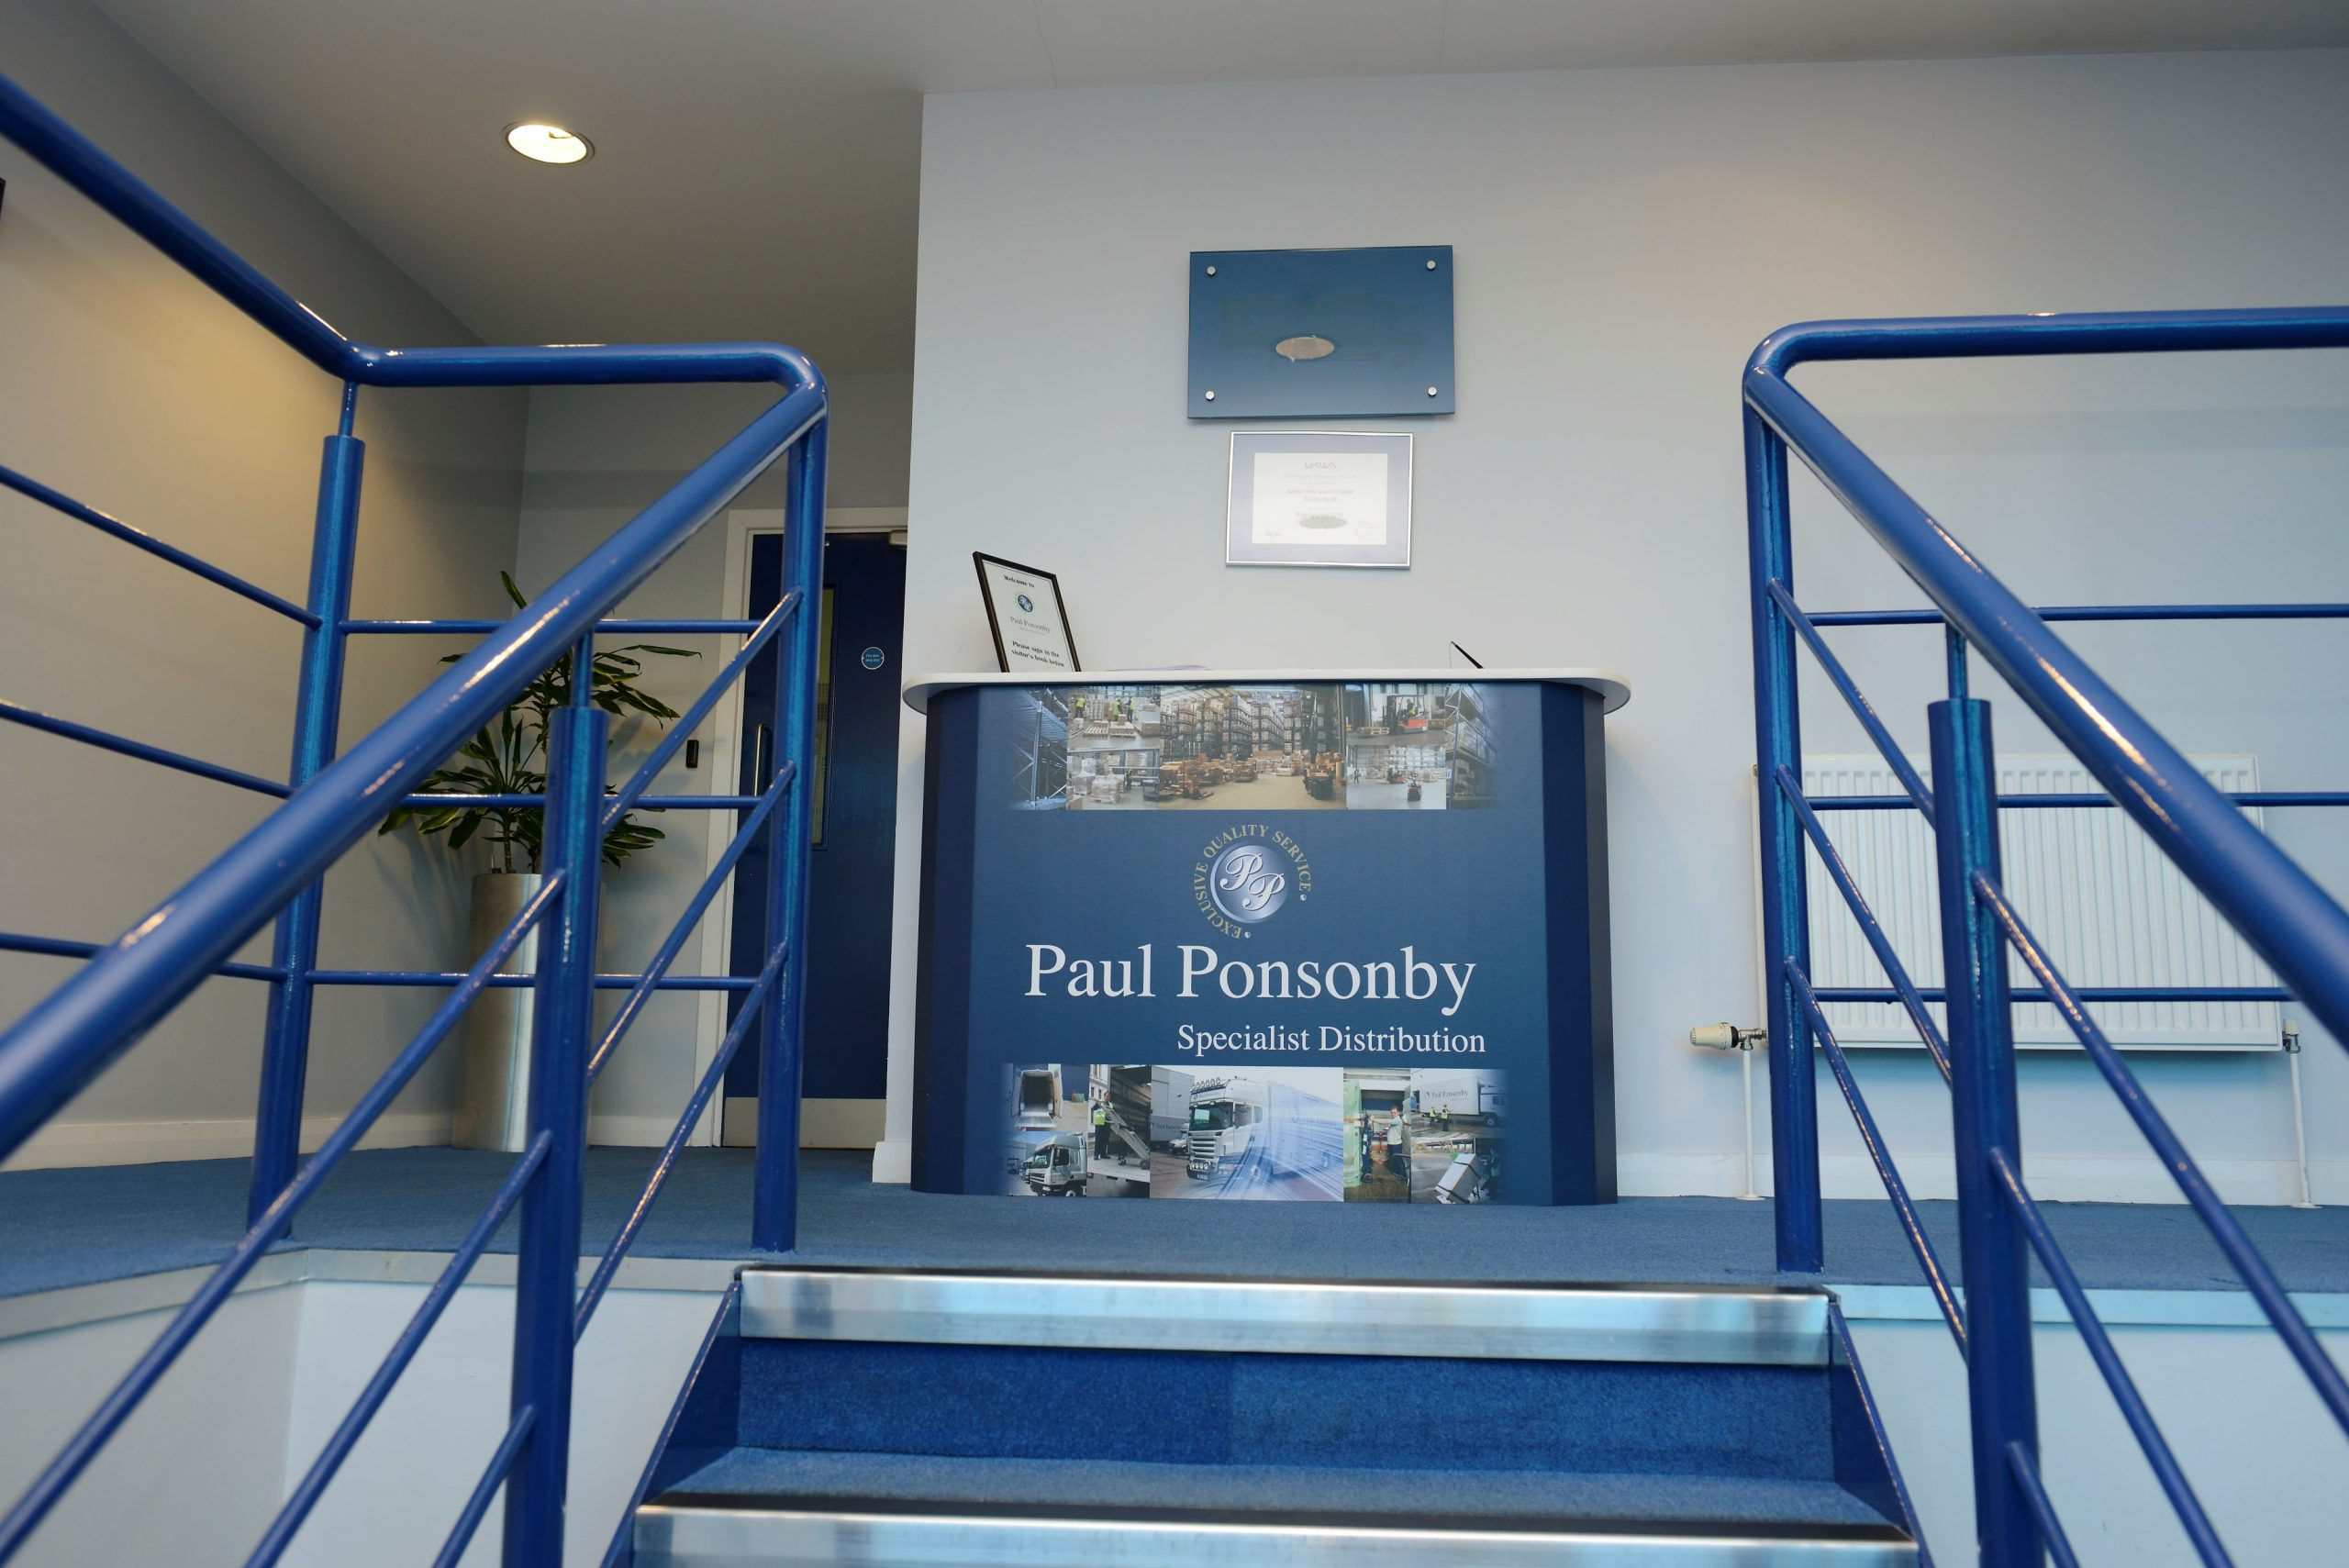 PAUL-PONSONBY-170-min-scaled.jpg